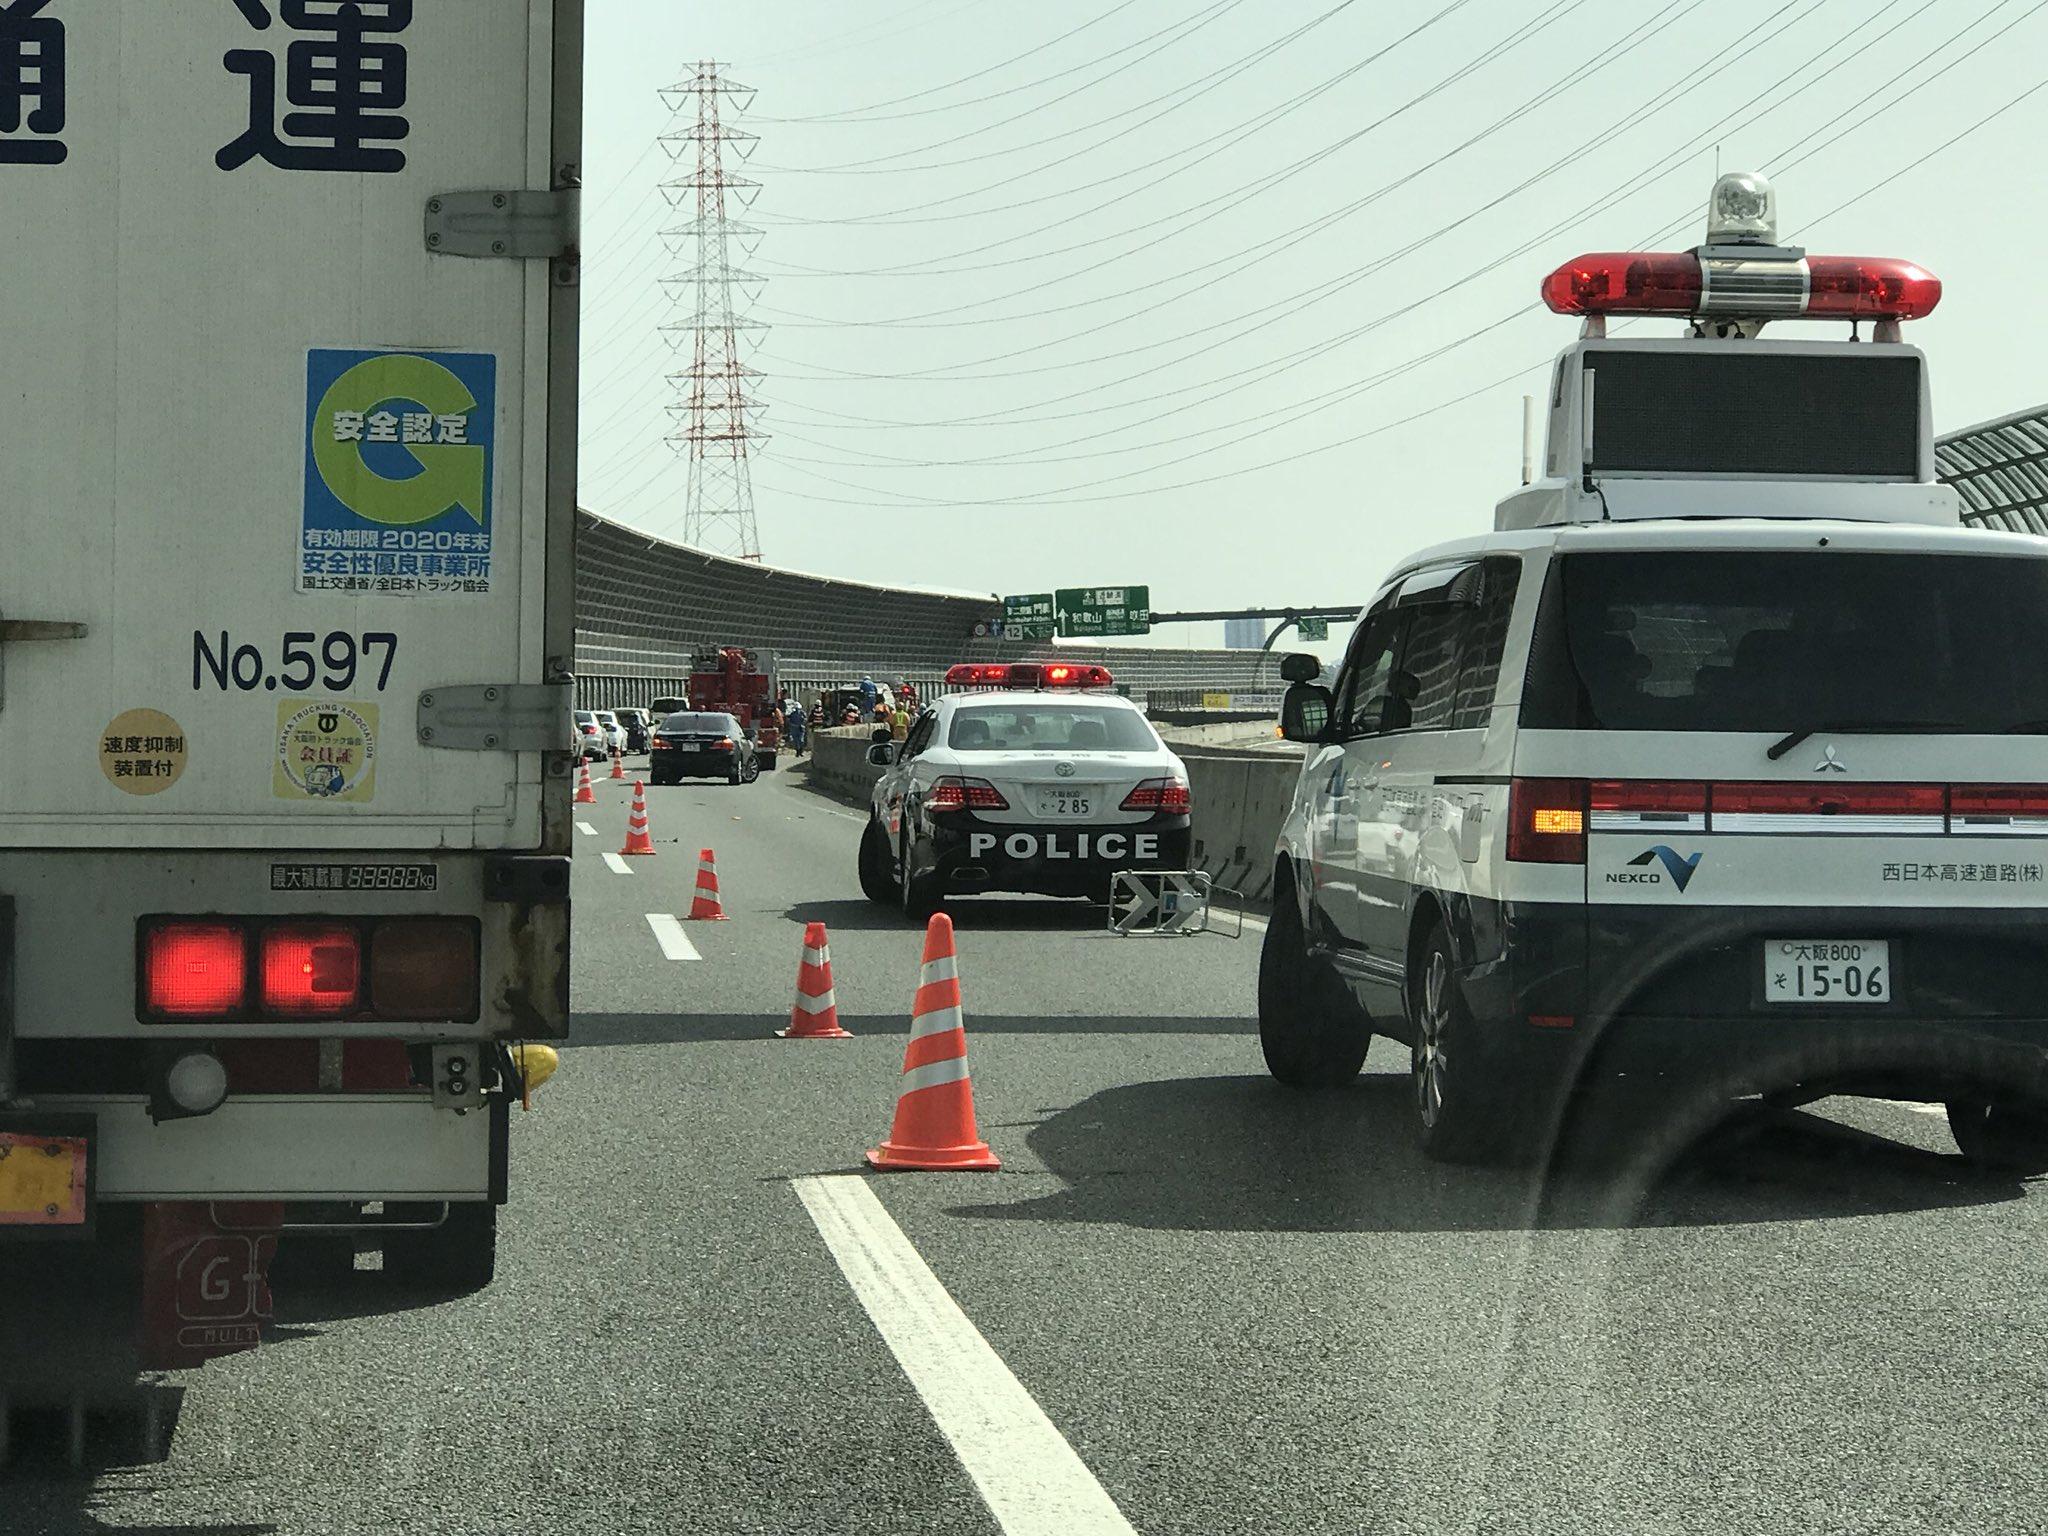 画像,第二京阪門真行きがエライことになってる https://t.co/PPM16gJUQh。